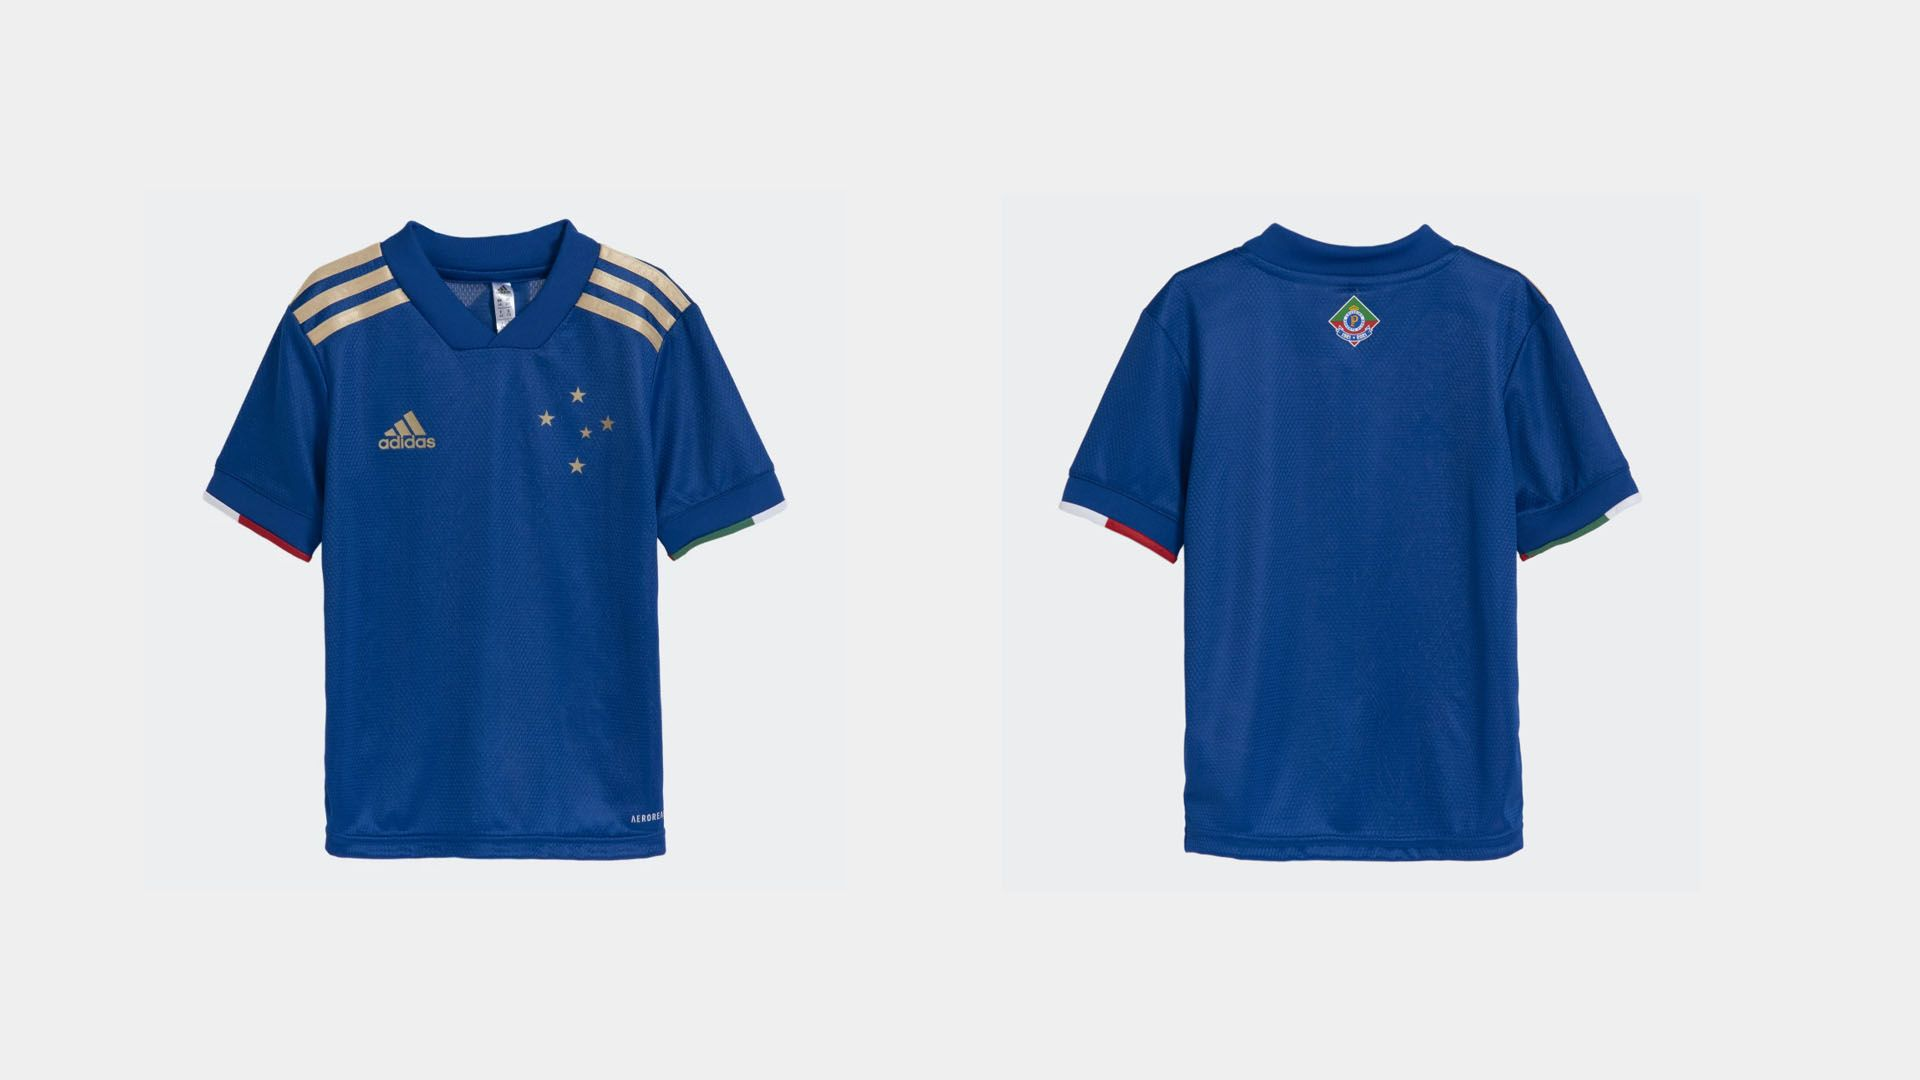 Camisa do Cruzeiro Infantil 2021 Adidas Jogo 1 (Imagem: Divulgação/Adidas)